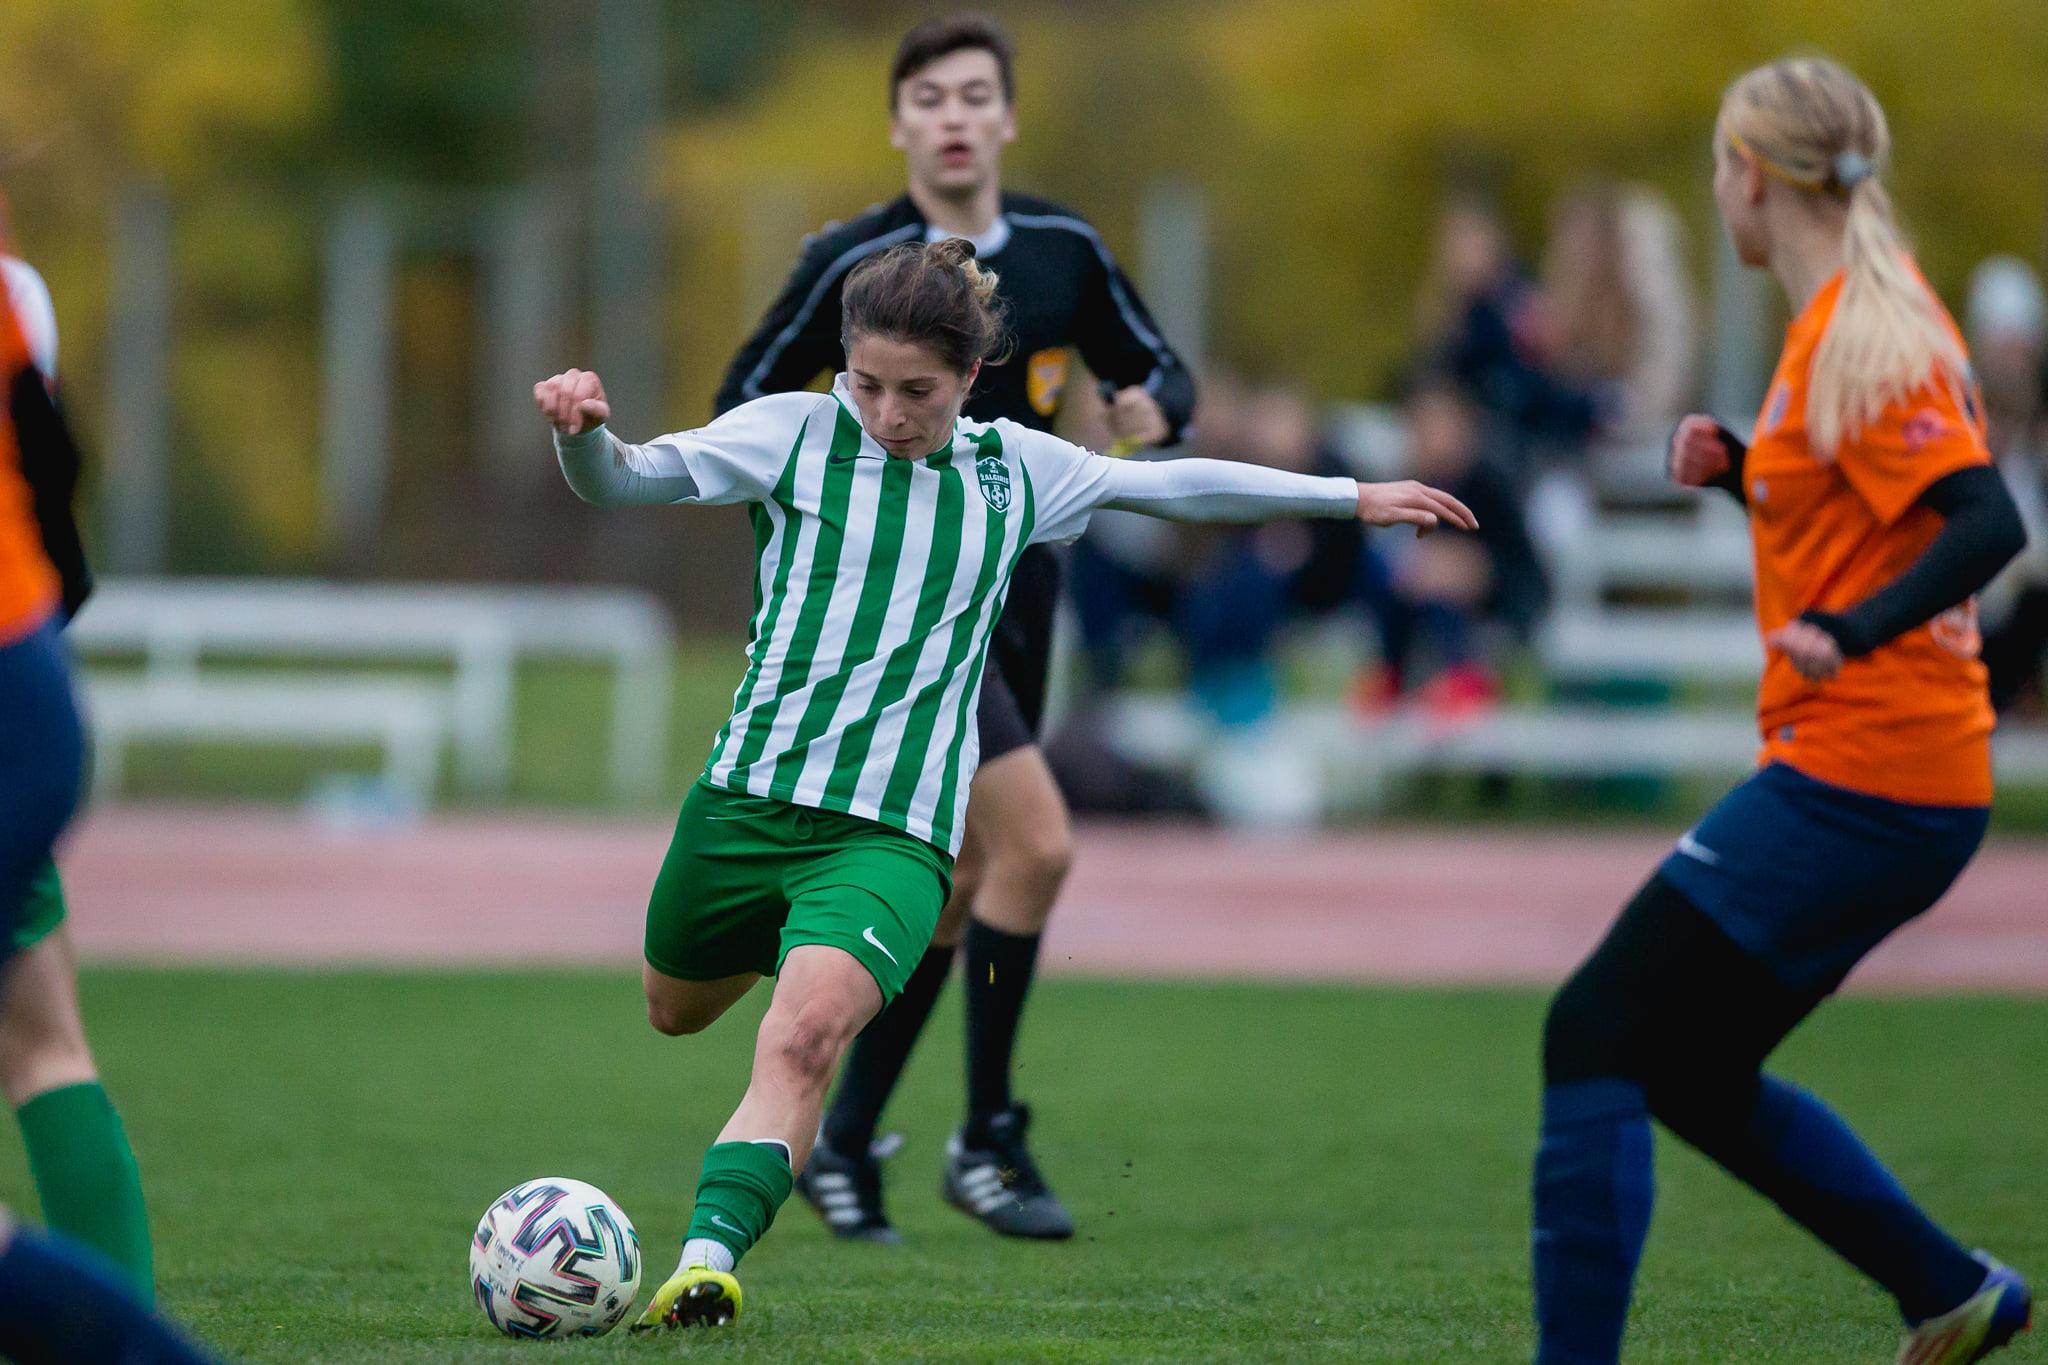 ana1 #общество featured, Ани Чеминава, женский футбол, спорт, футбол